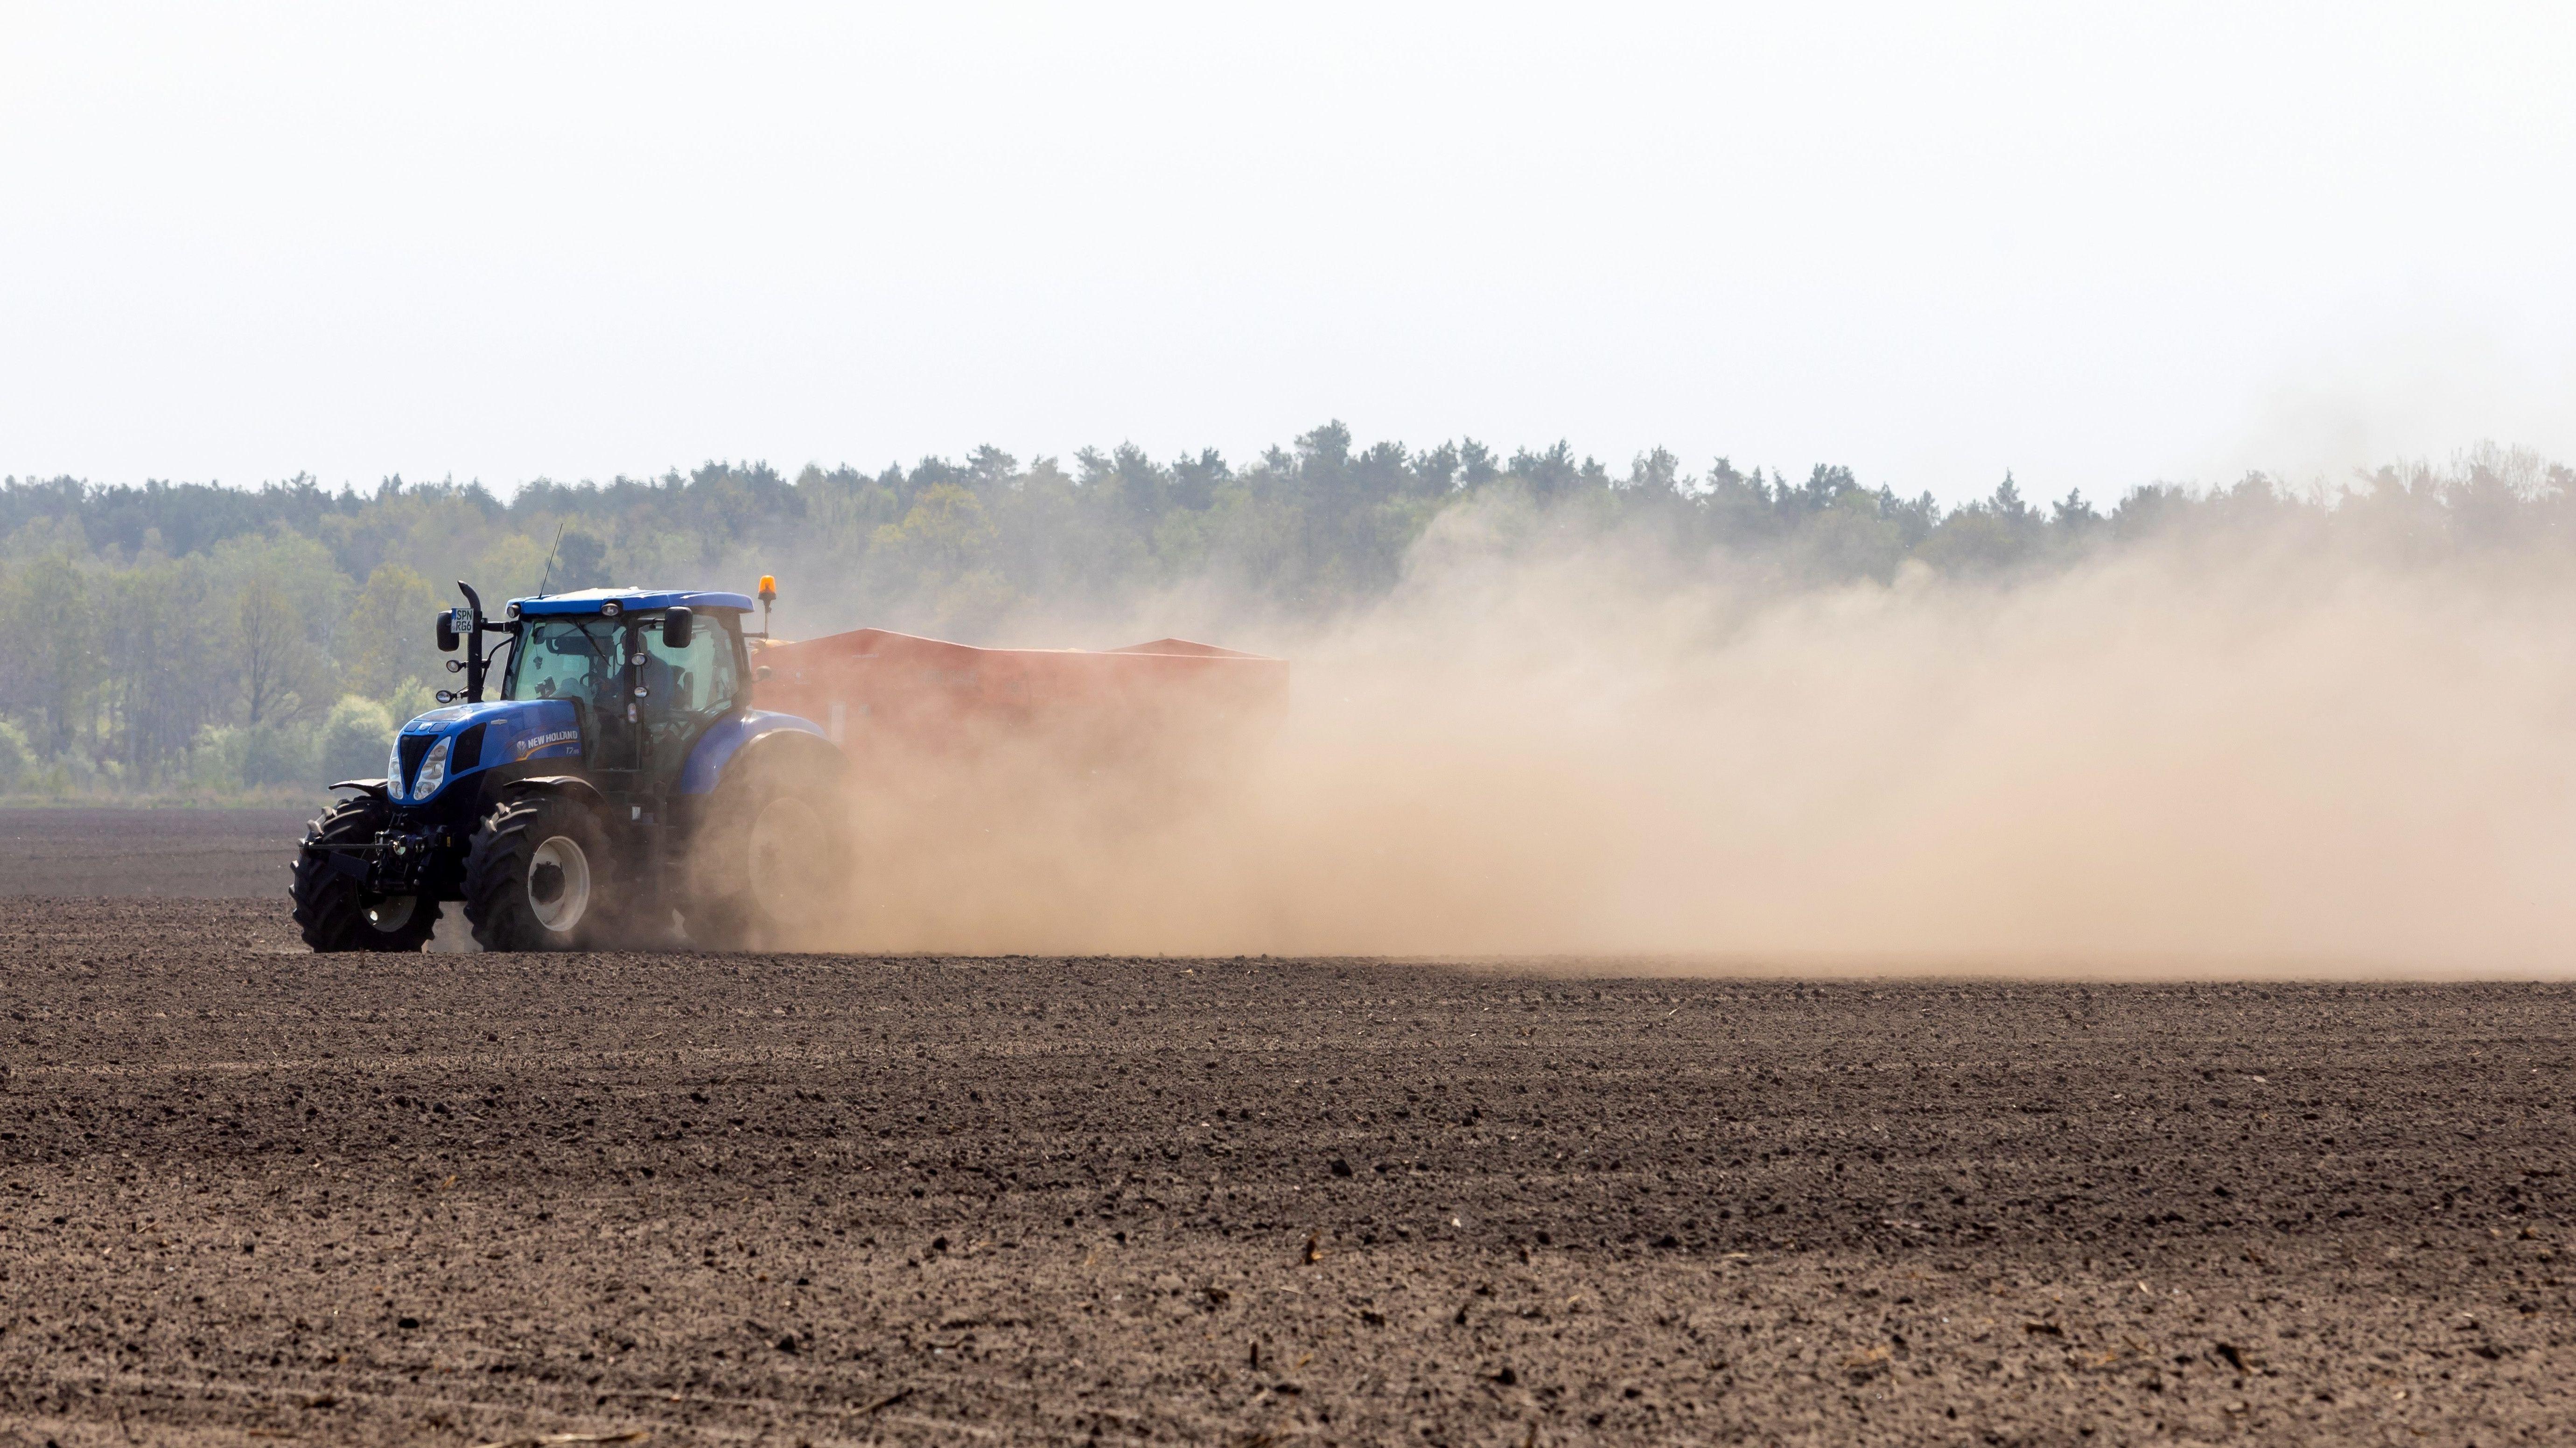 Ein Landwirt pfluegt einen Acker in Proschim (Sued-Brandenburg) und wirbelt auf dem trockenen Feld Staub und Sand auf.